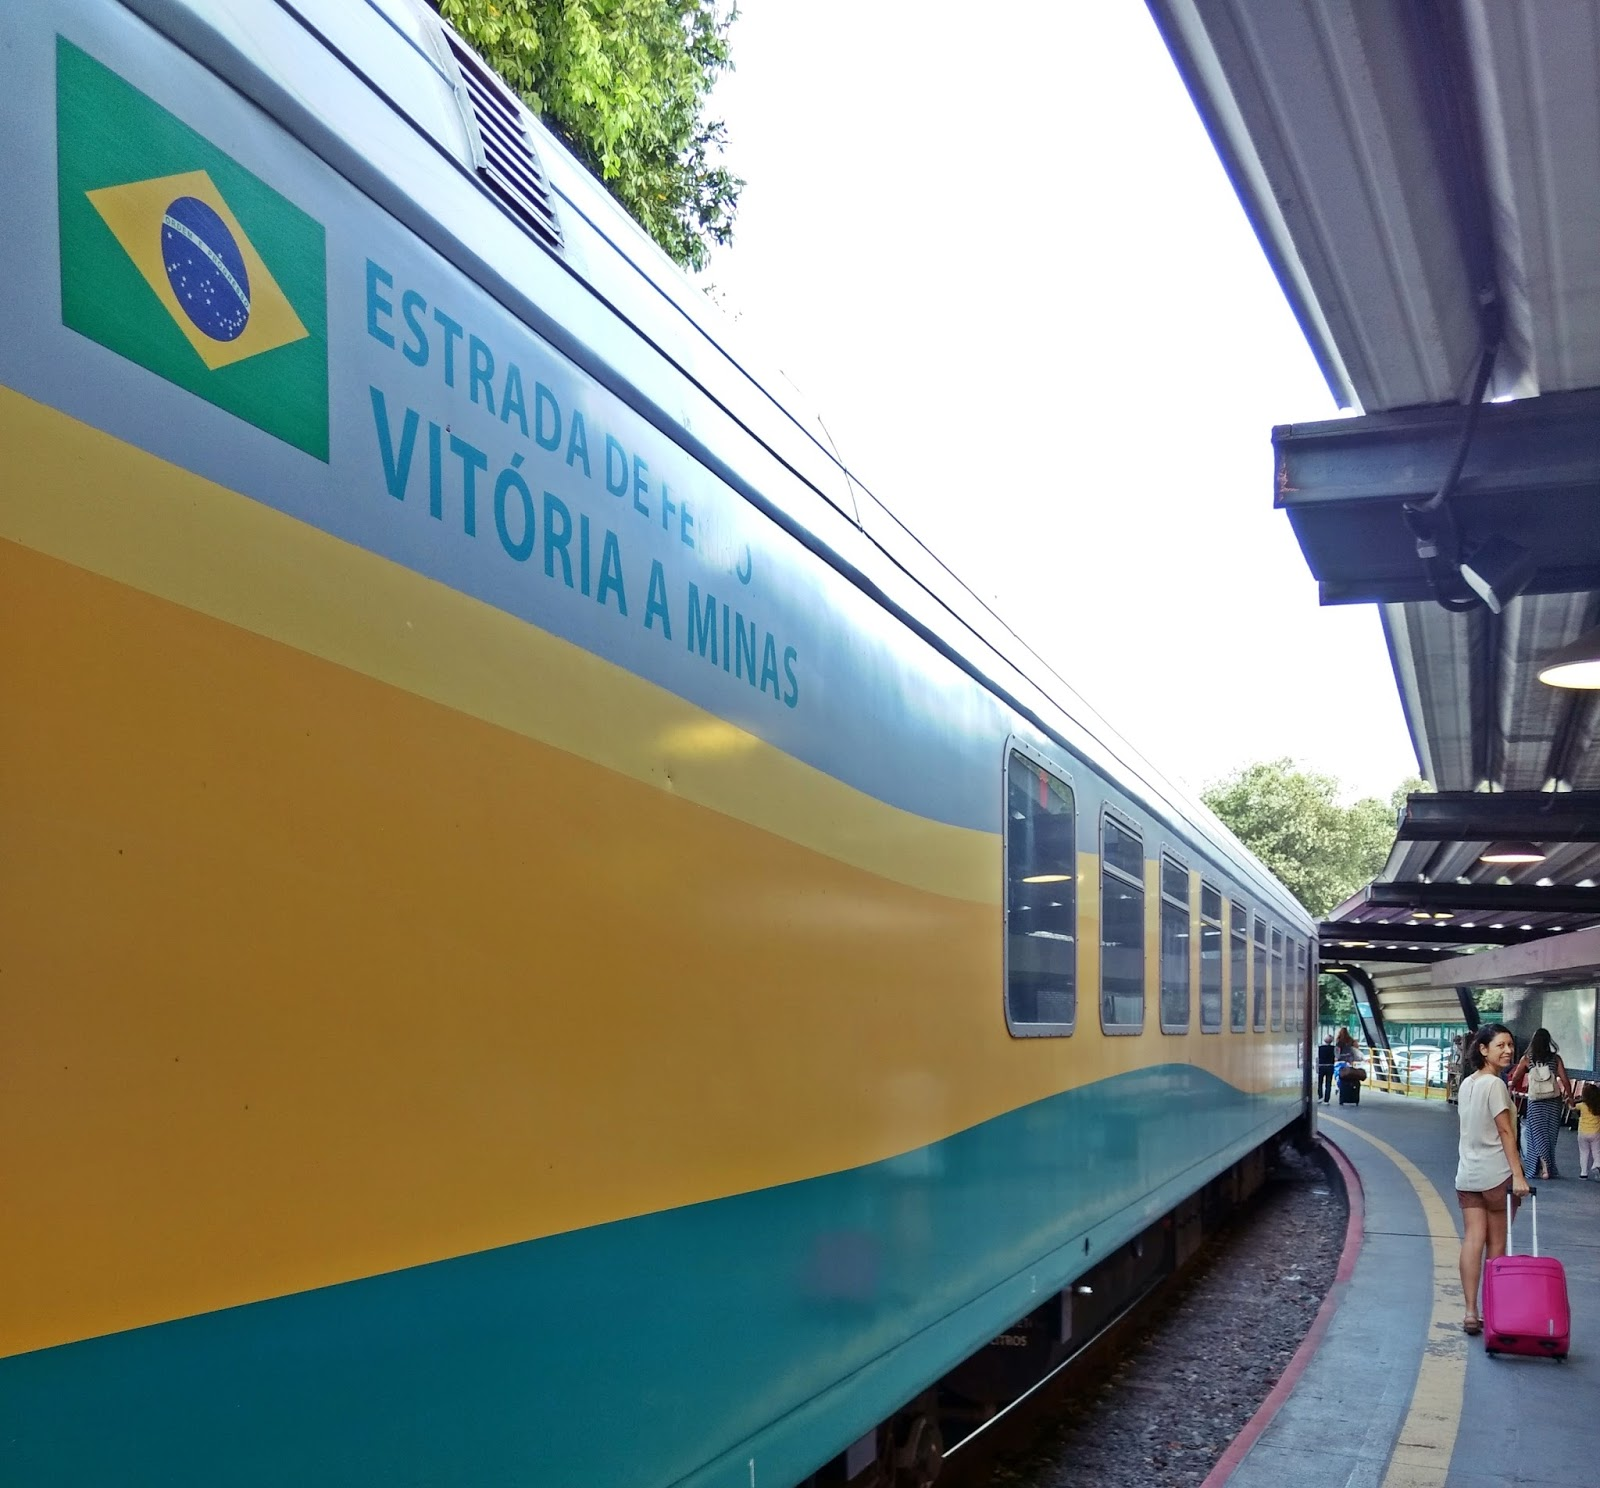 Trem da Vale de Vitória a Belo Horizonte